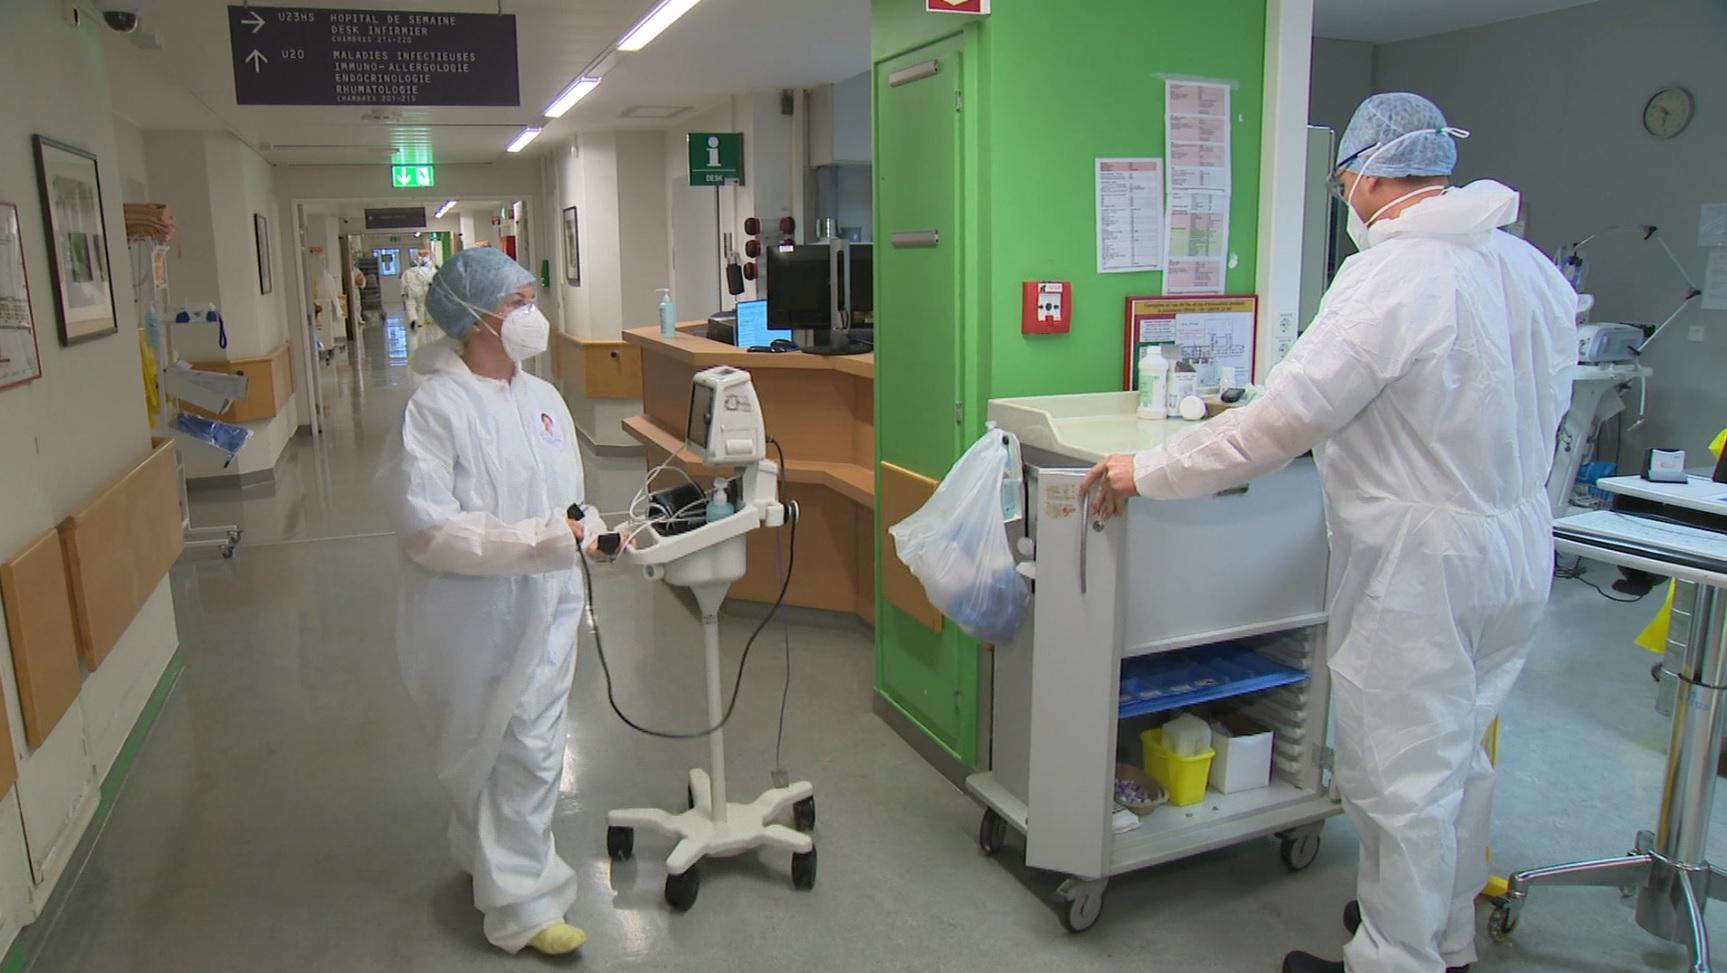 Coronavirus, les dernières infos :Quatre nouveaux décès: le dernier bilan de l'épidémie au Luxembourg